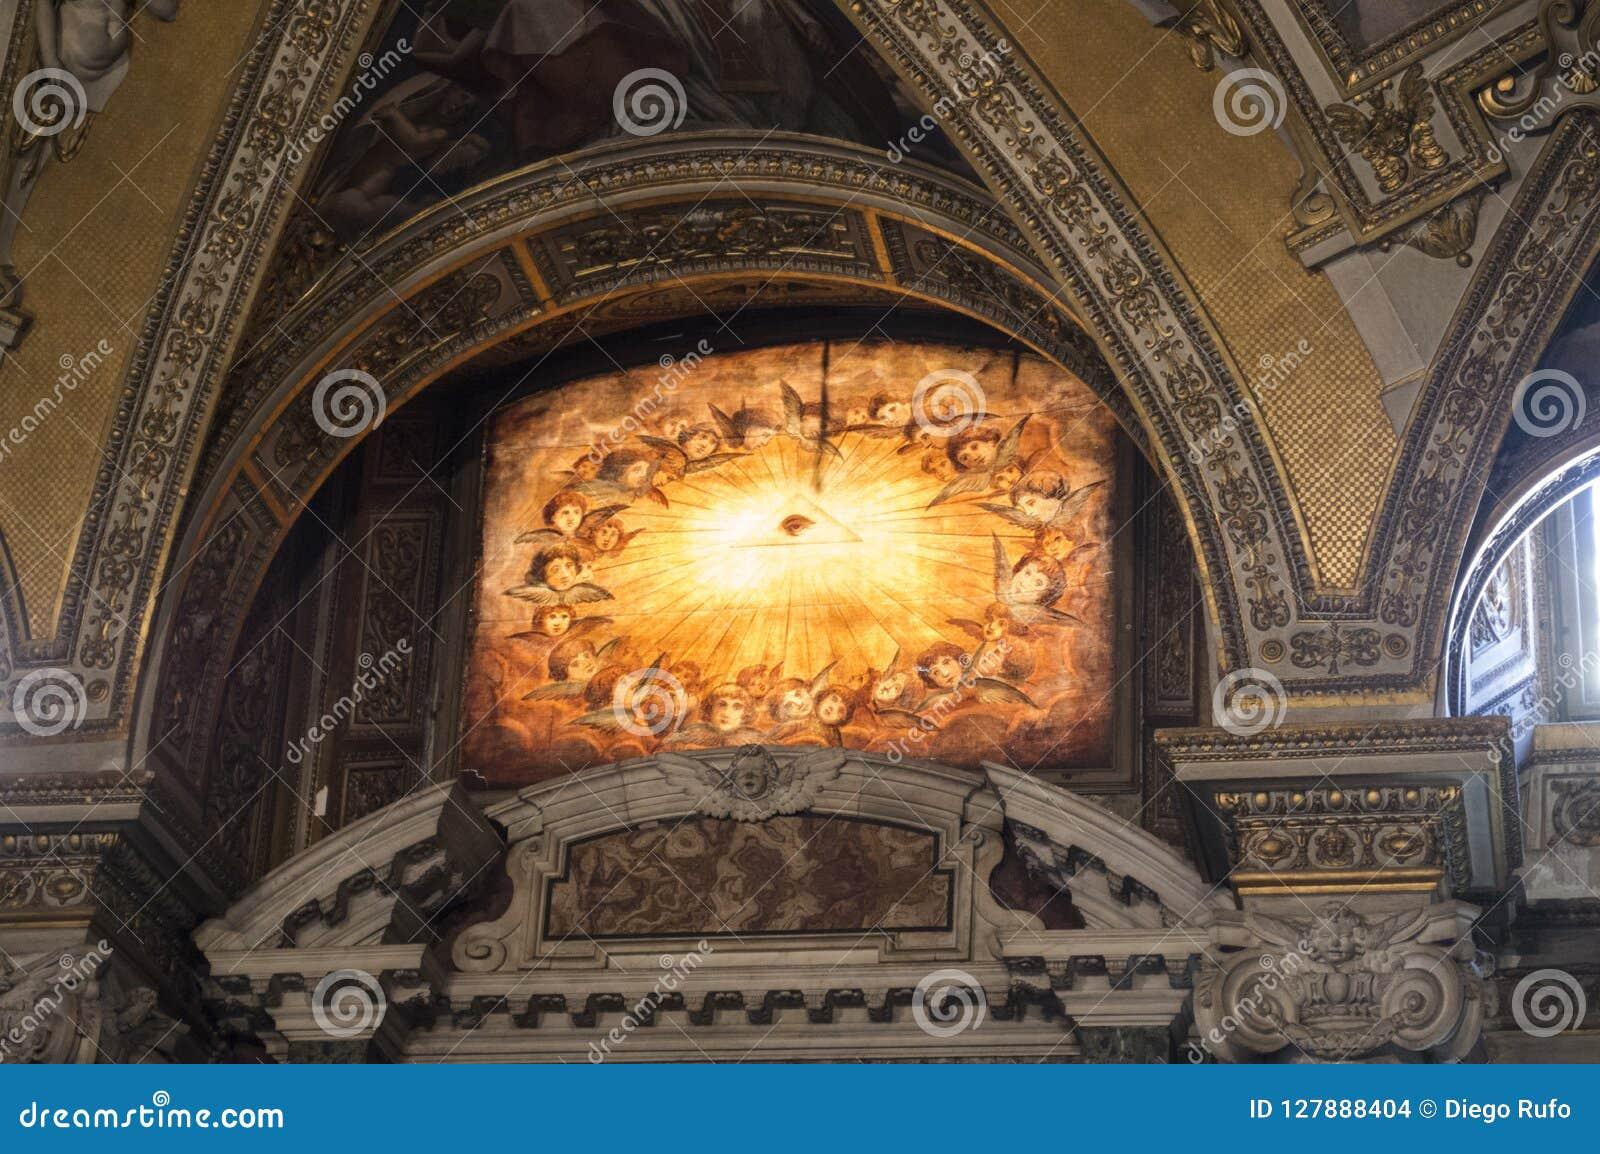 Vitral de una catedral italiana con el ojo que ve todo o el ojo de Horus